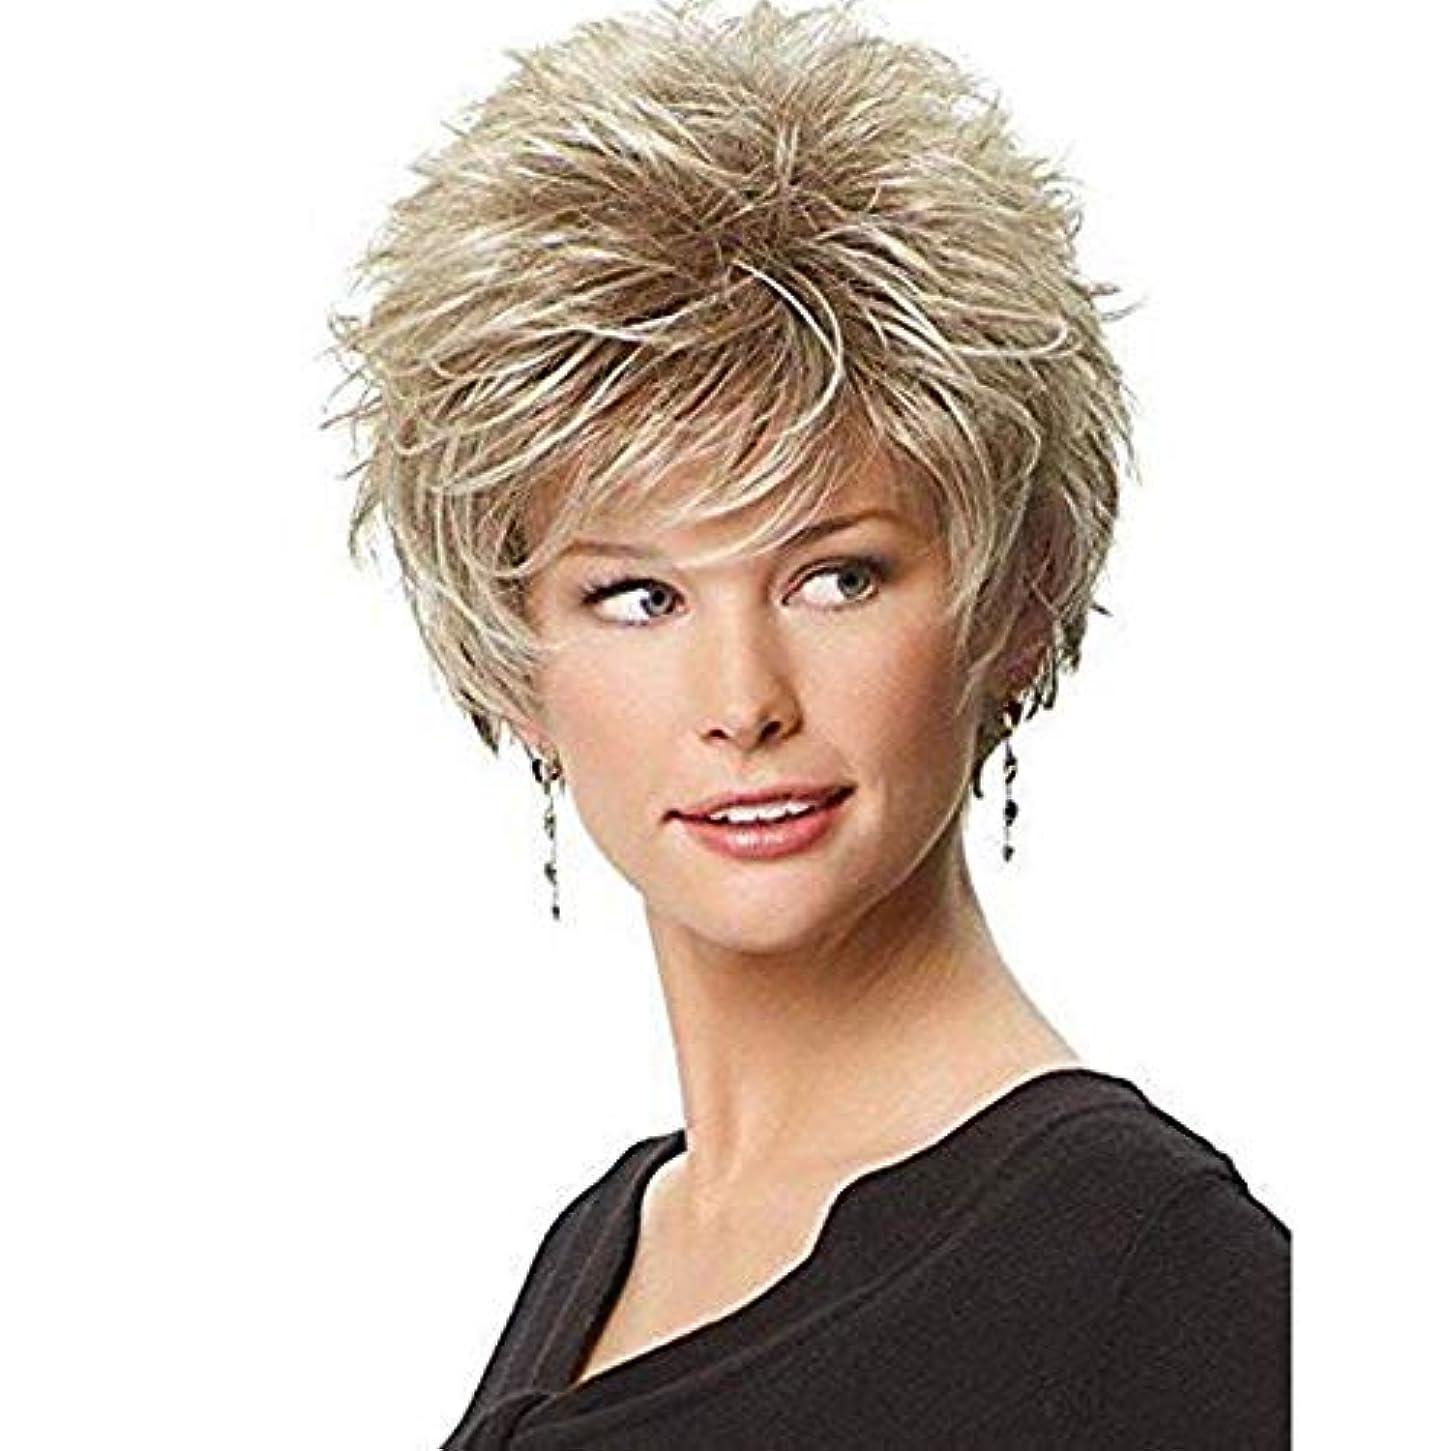 トラップダルセット最大YOUQIU 女性のかつらのための自由なキャップ付ブロンドのかつらファッションヘアスタイリングふわふわショートカーリーヘアウィッグ (色 : Blonde)